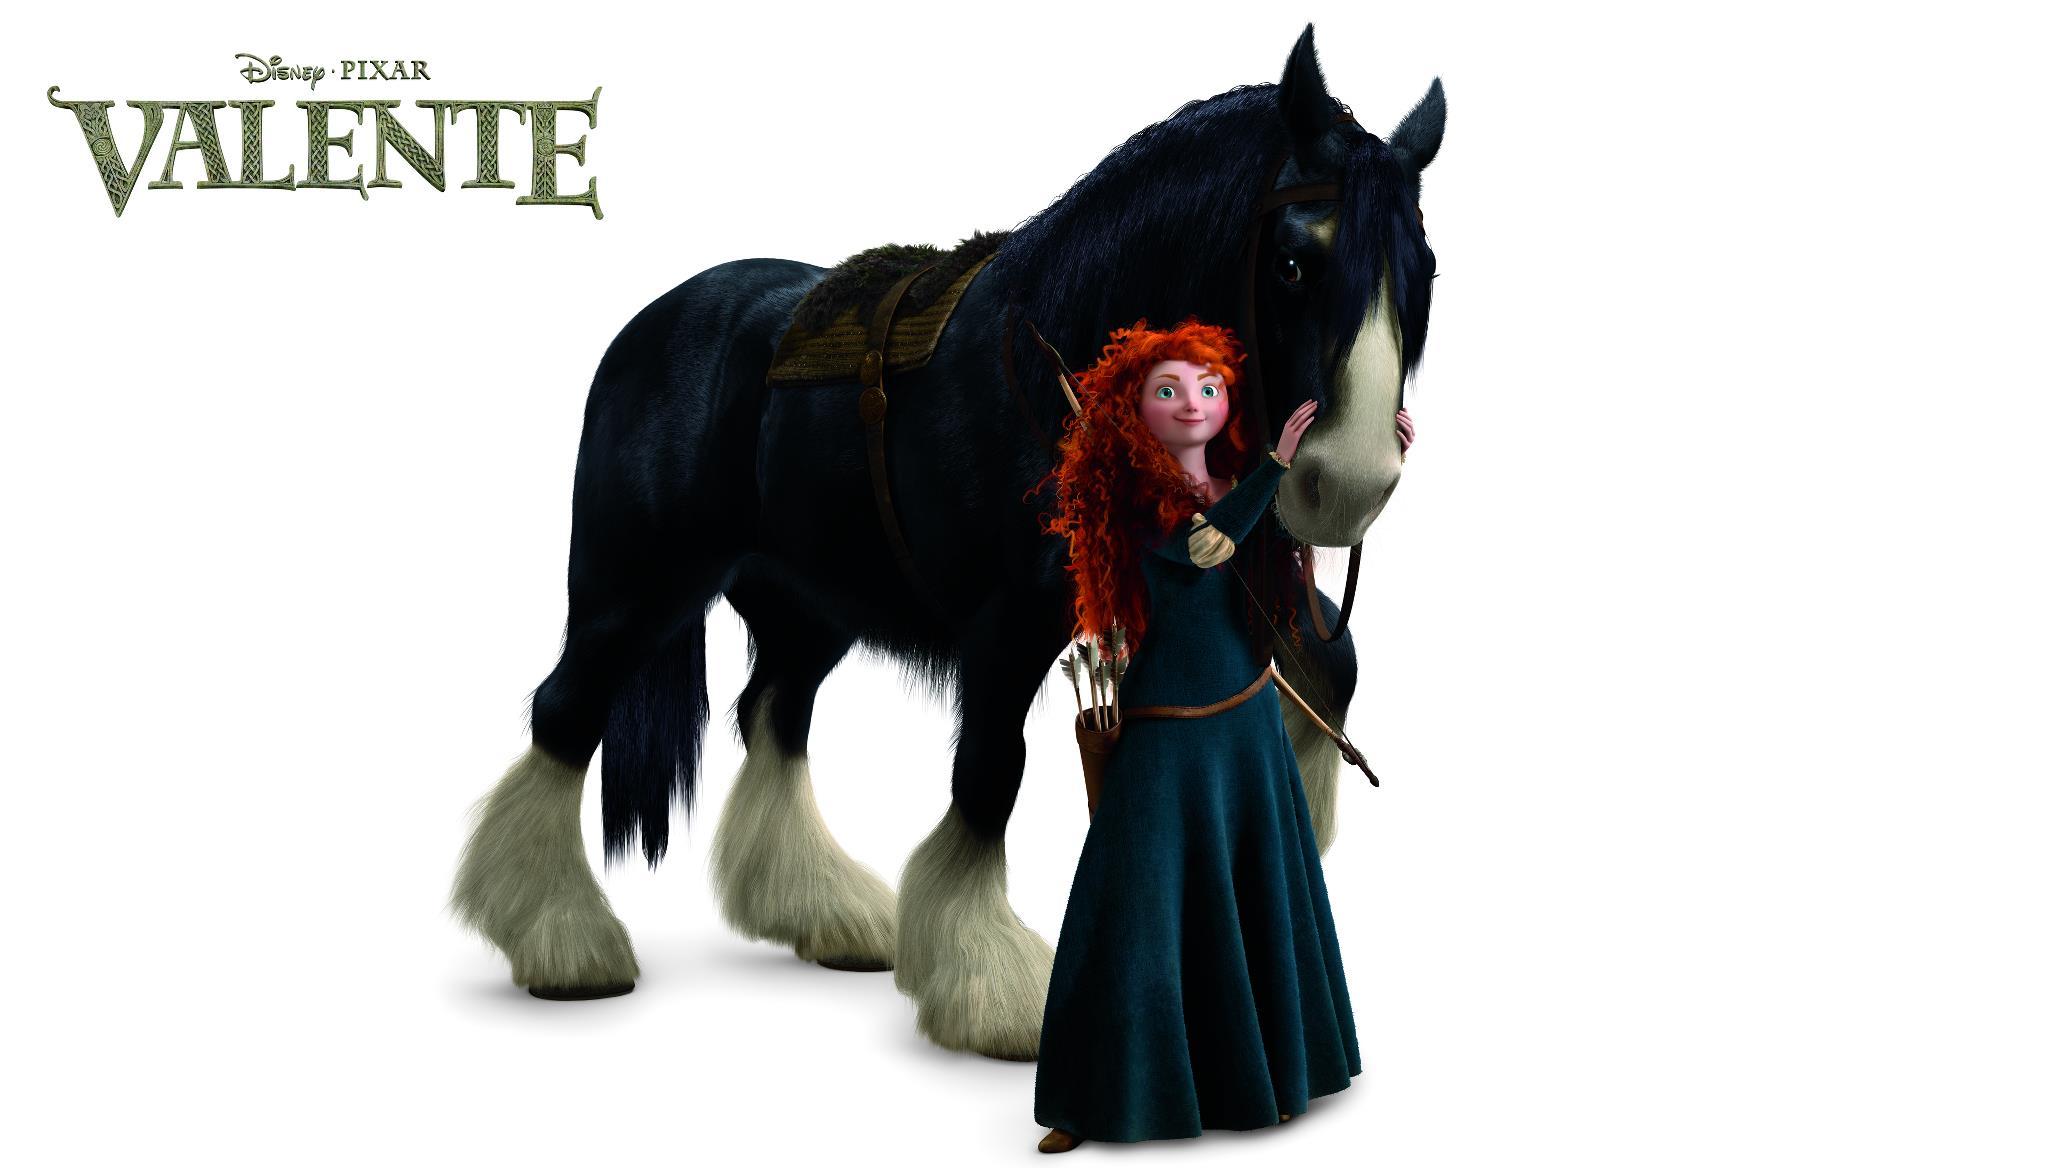 Angus, da raça Shire, é o cavalo da princesa Merida.